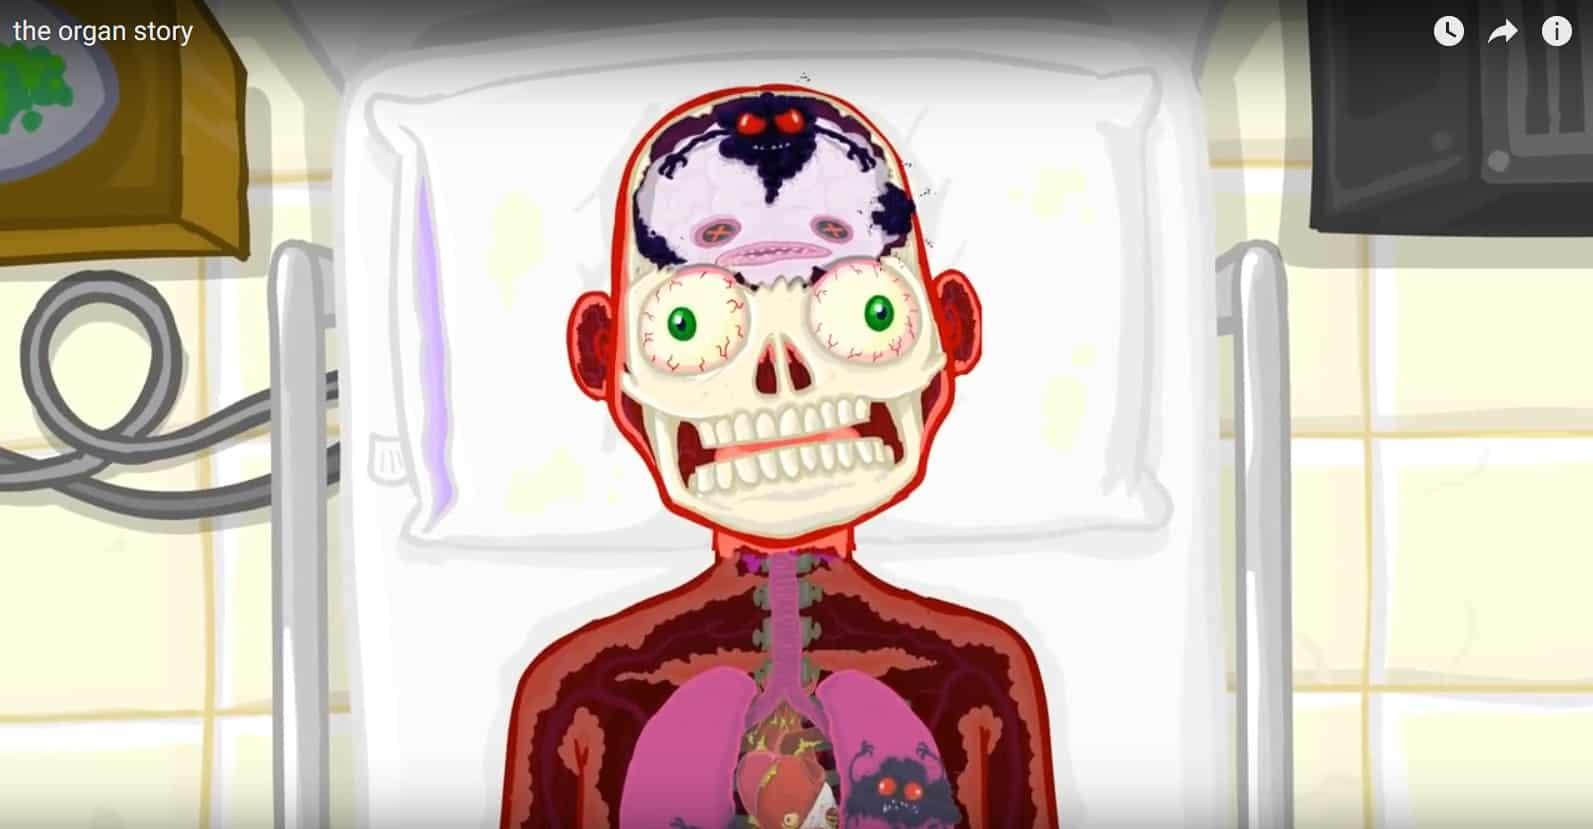 Organ Story: เกิดเป็นอวัยวะต้องเจ็บปวดขนาดไหน